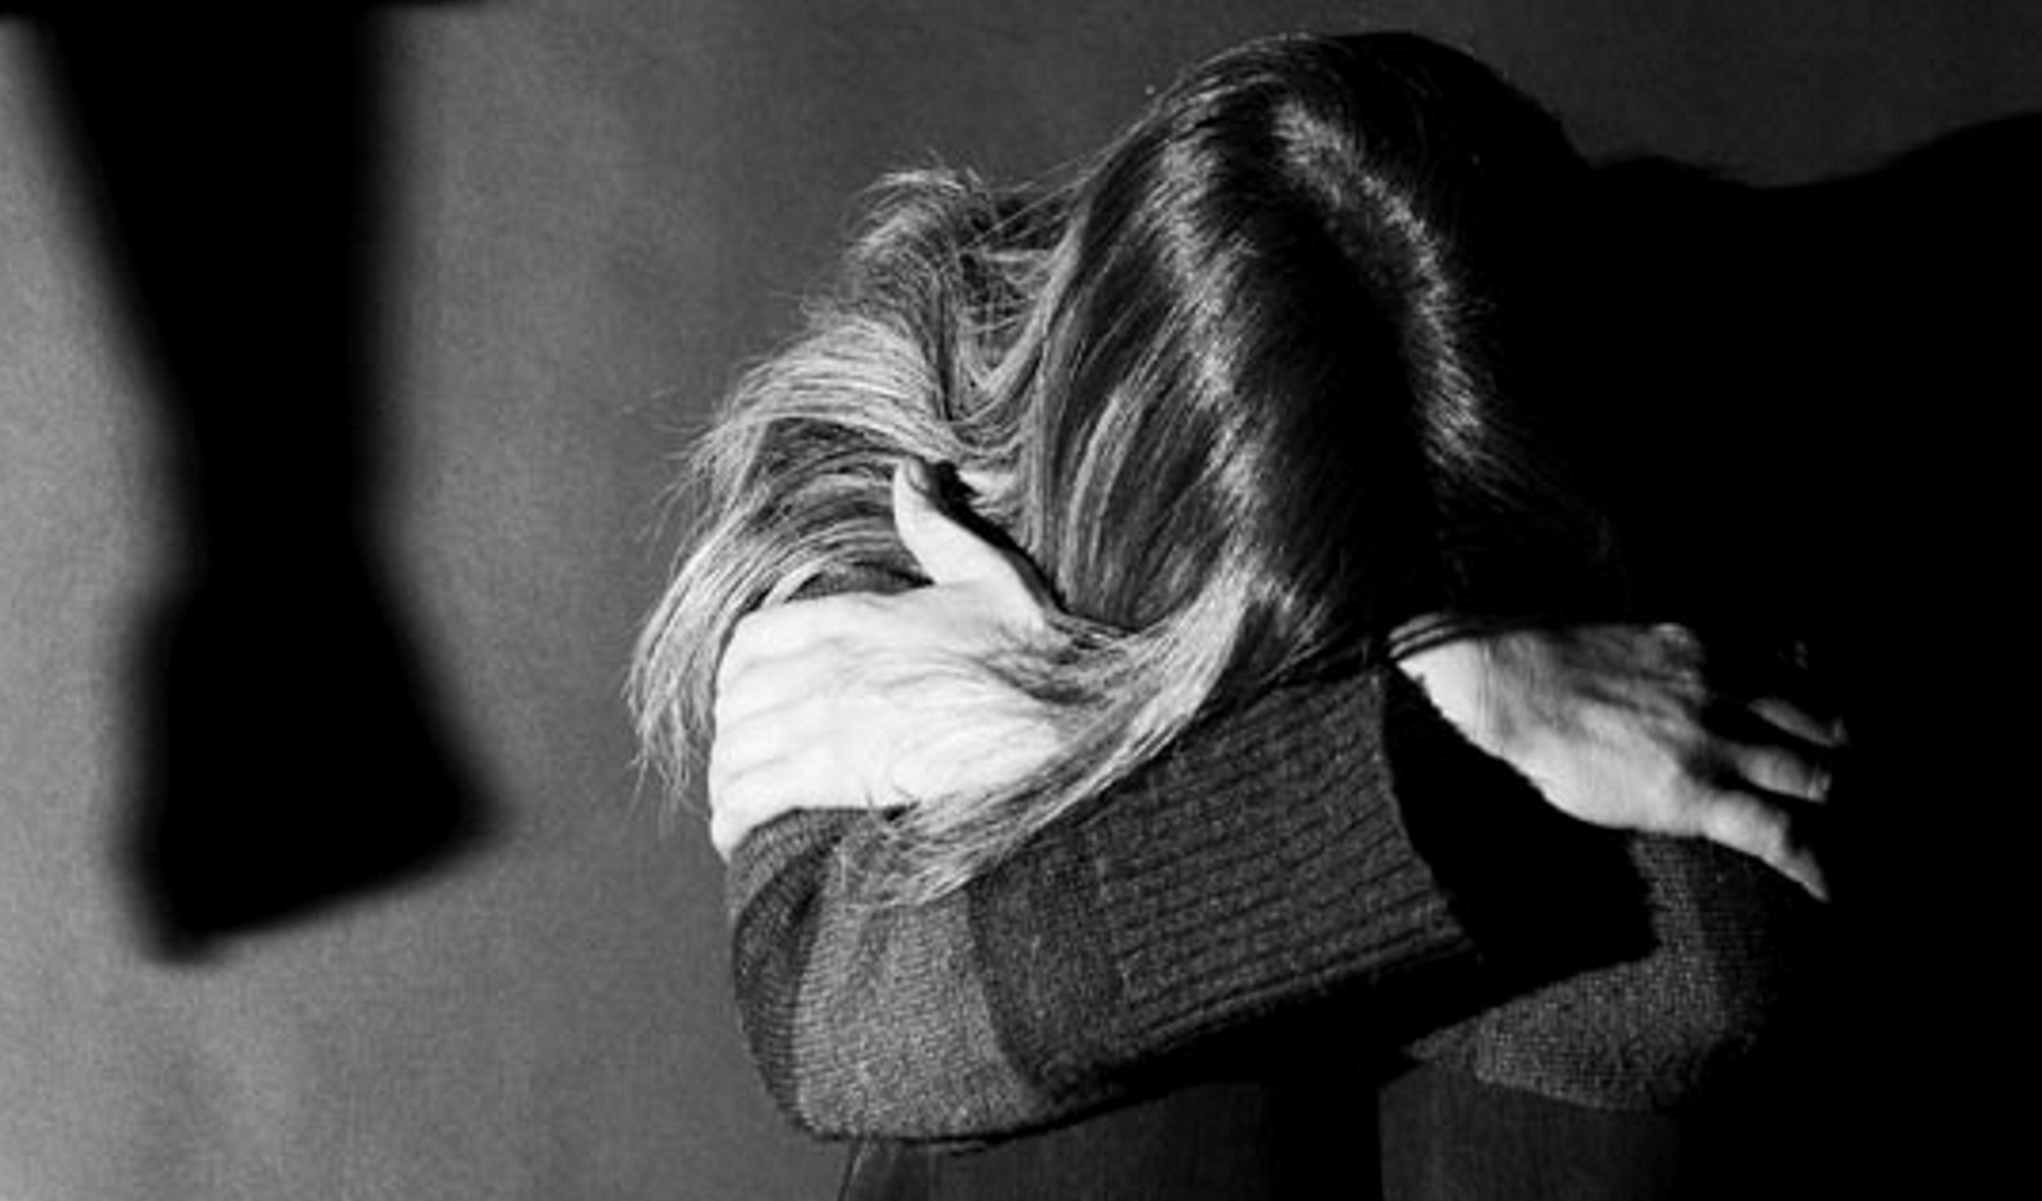 Τον απέρριψε και άρχισε ο εφιάλτης: Μετά τις απειλές, της επιτέθηκε μέσα στο σπίτι της